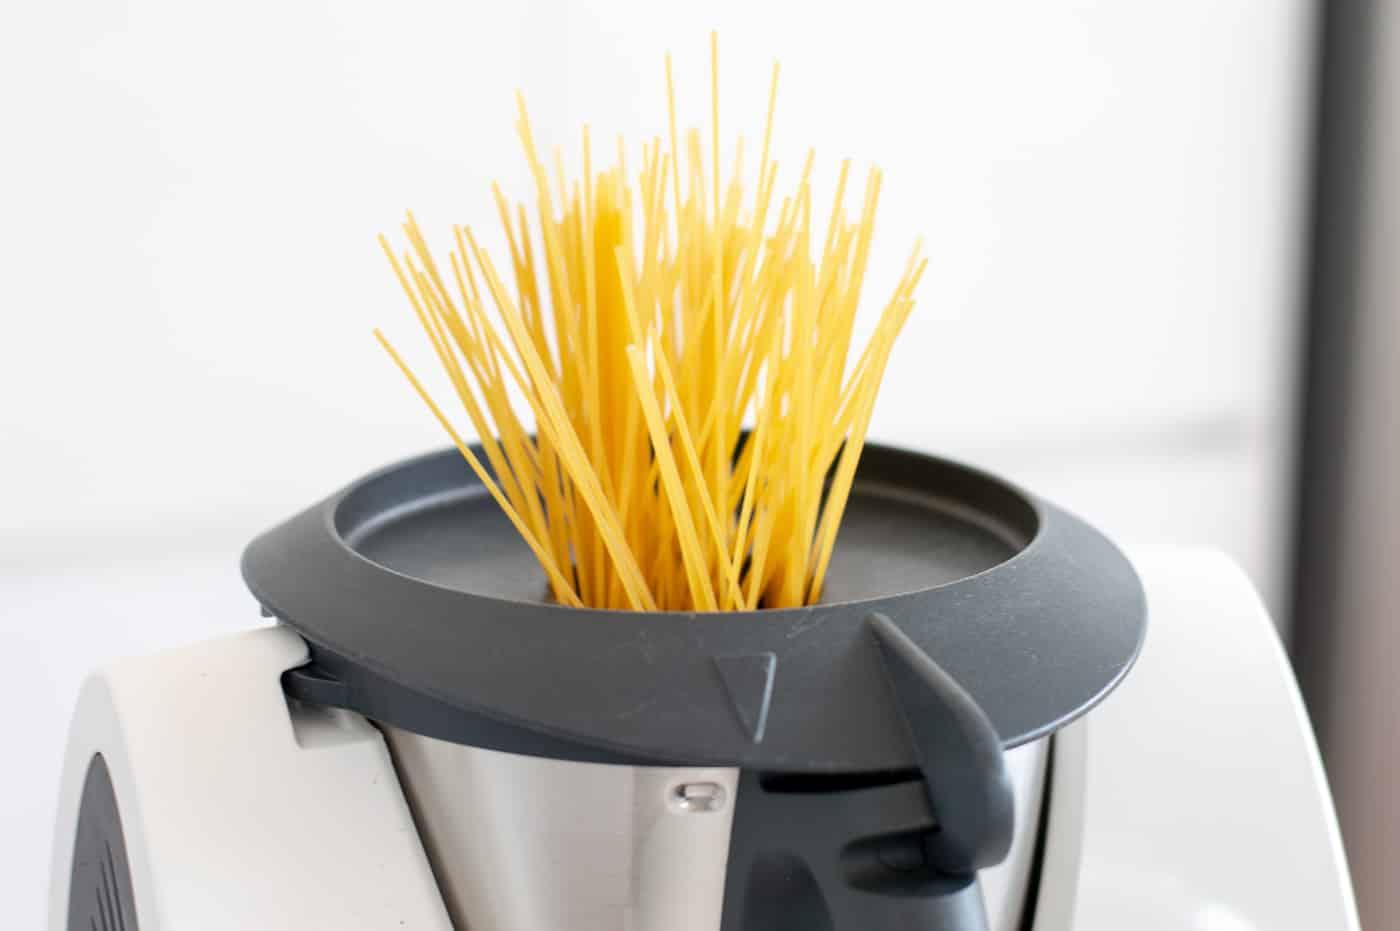 Spaghetti au Thermomix - recette Vorwerk facile à réaliser.